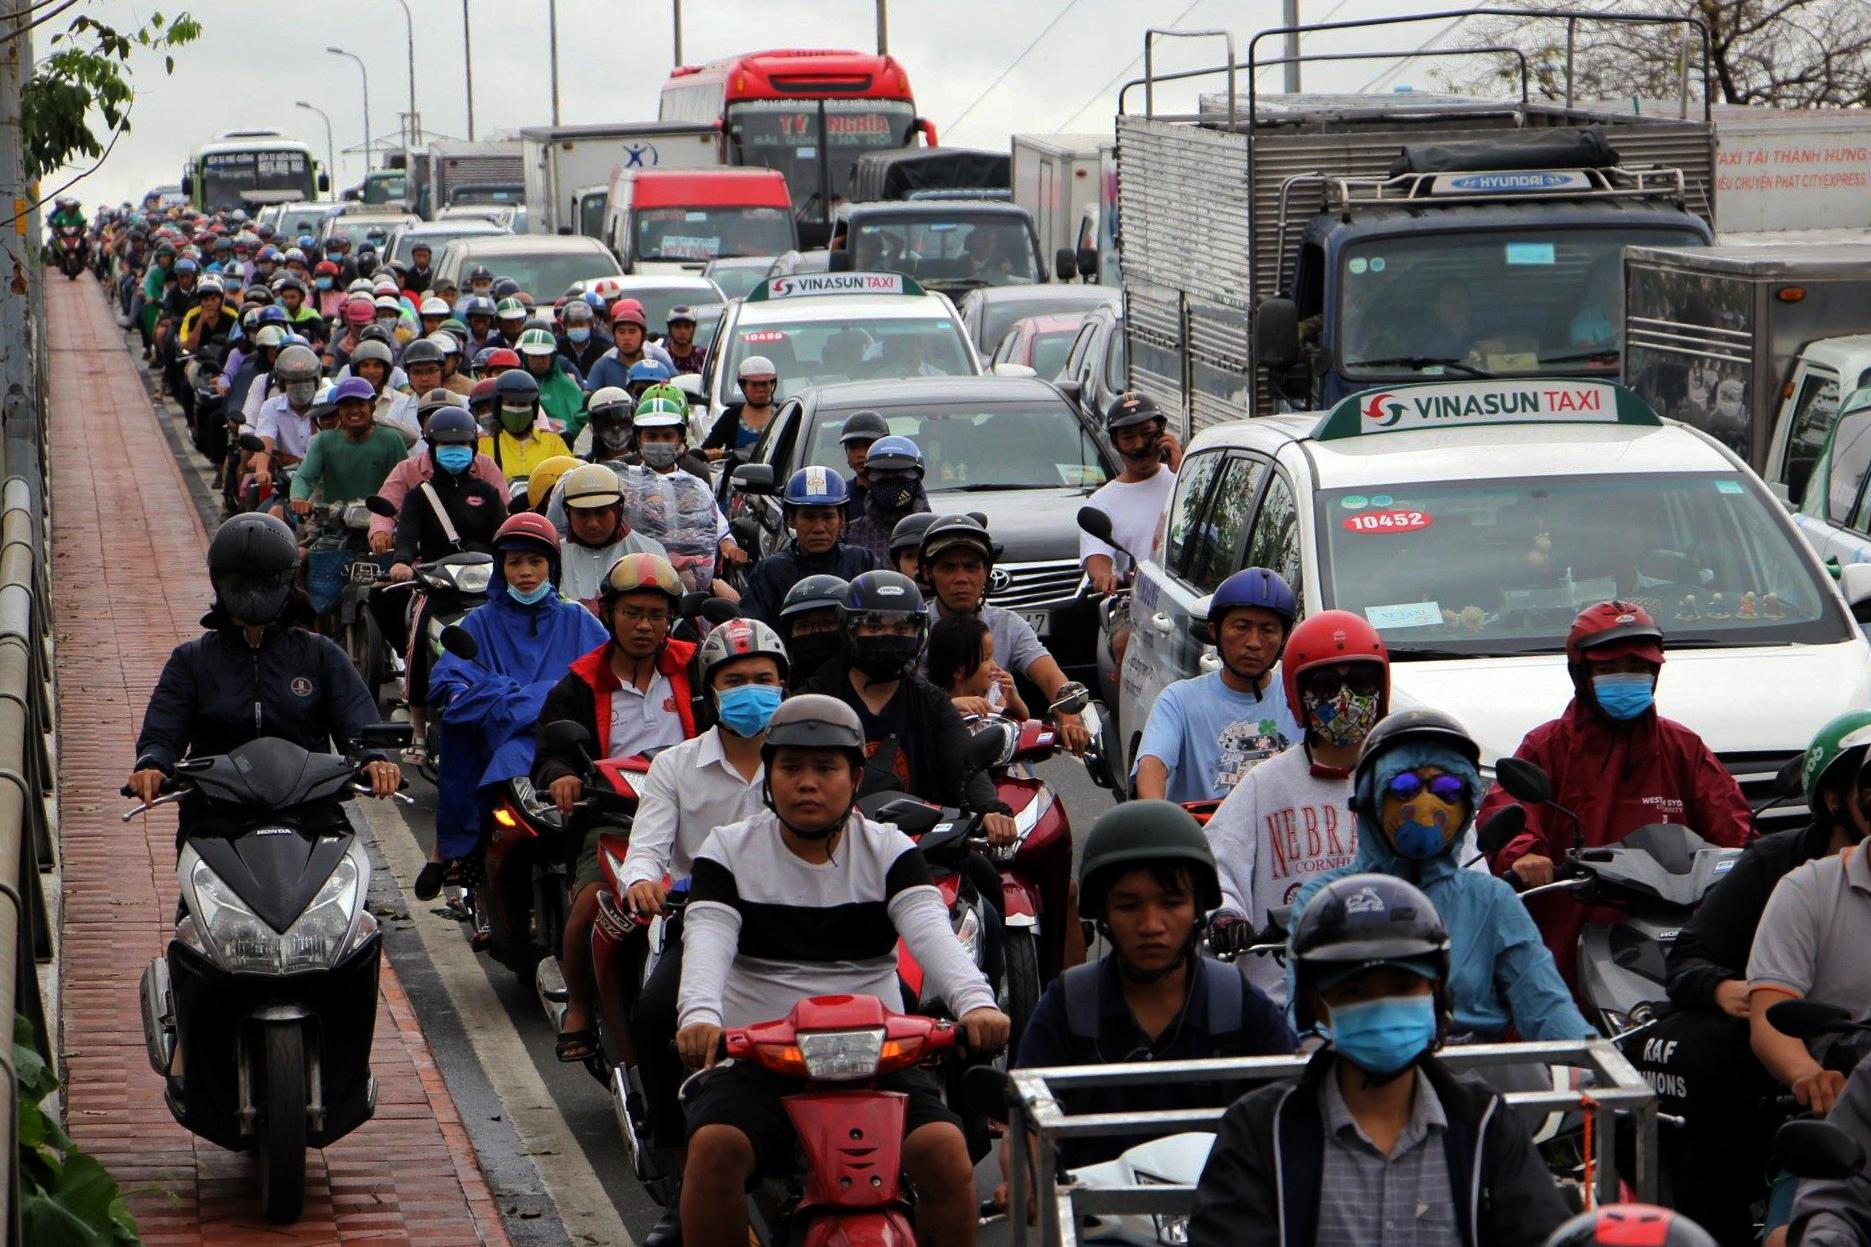 Sau một đêm tơi tả trong bão lịch sử, người Sài Gòn tiếp tục thở không ra hơi vì ngập nước kẹt xe nhiều giờ - Ảnh 1